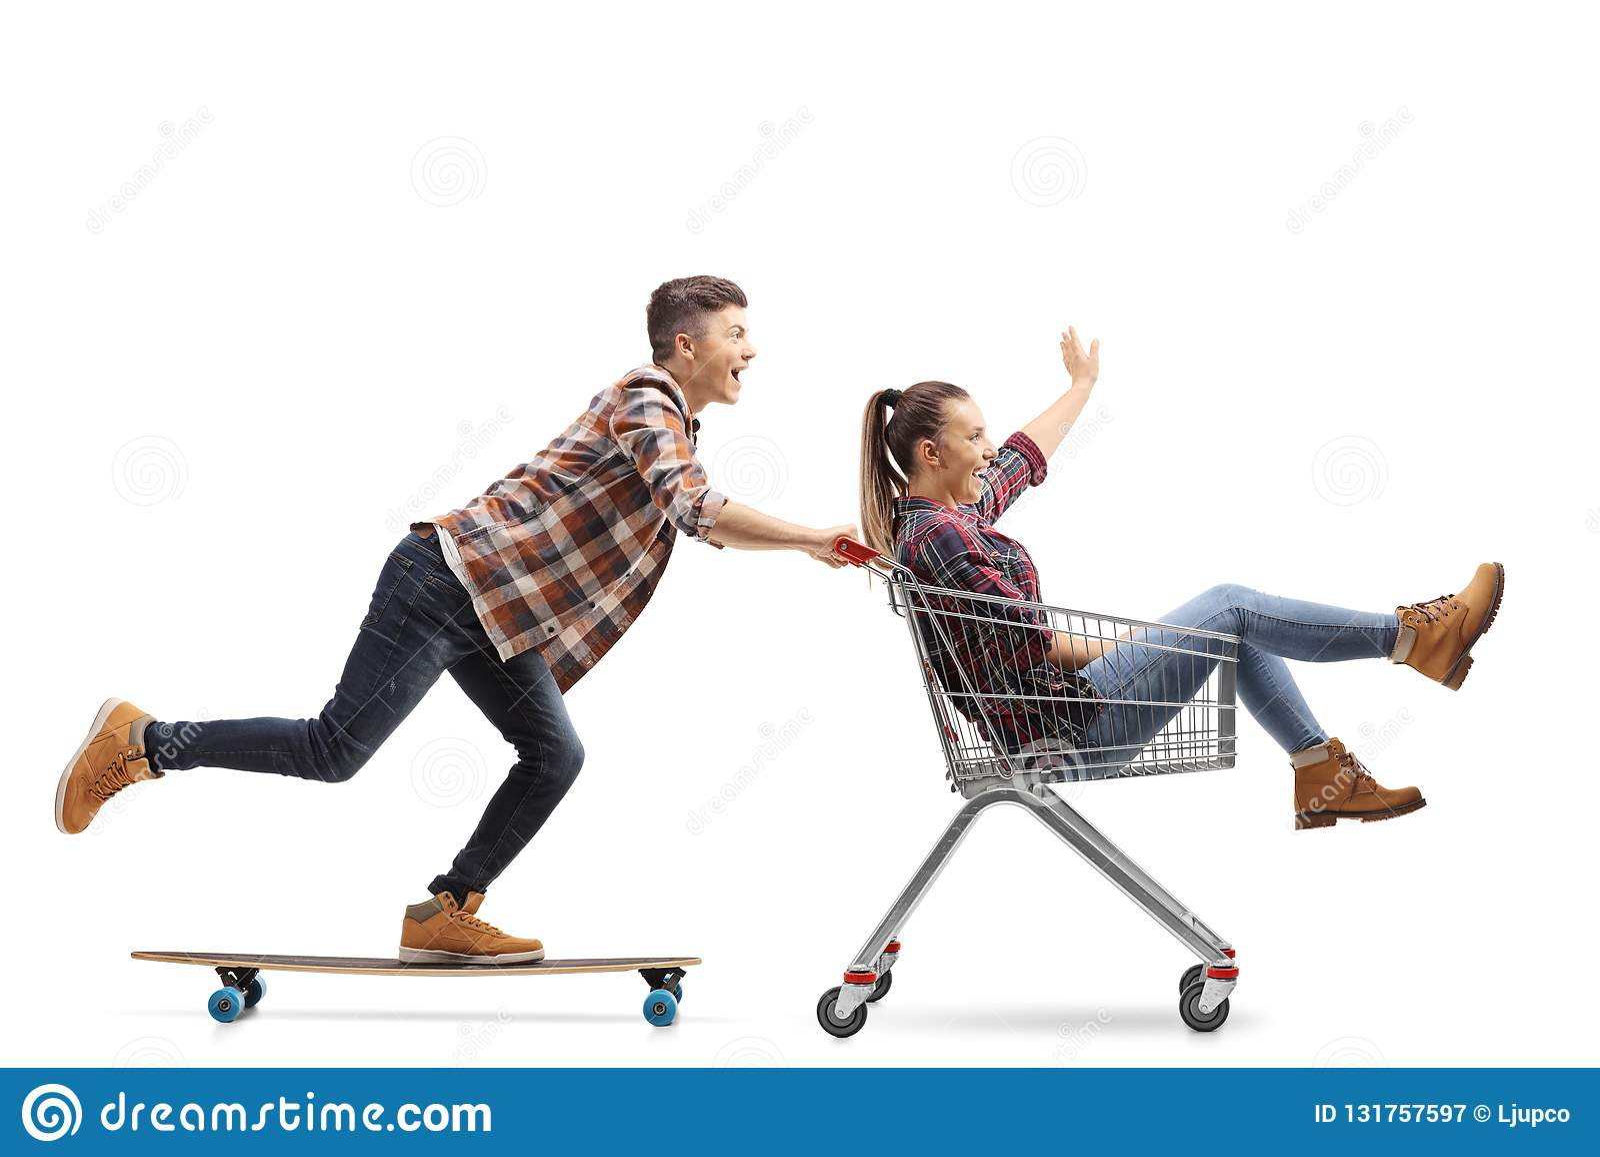 Full längd som skjutas av en ung grabb som rider en longboard och skjuter en flicka i en shoppa vagn som isoleras på vit bakgrund